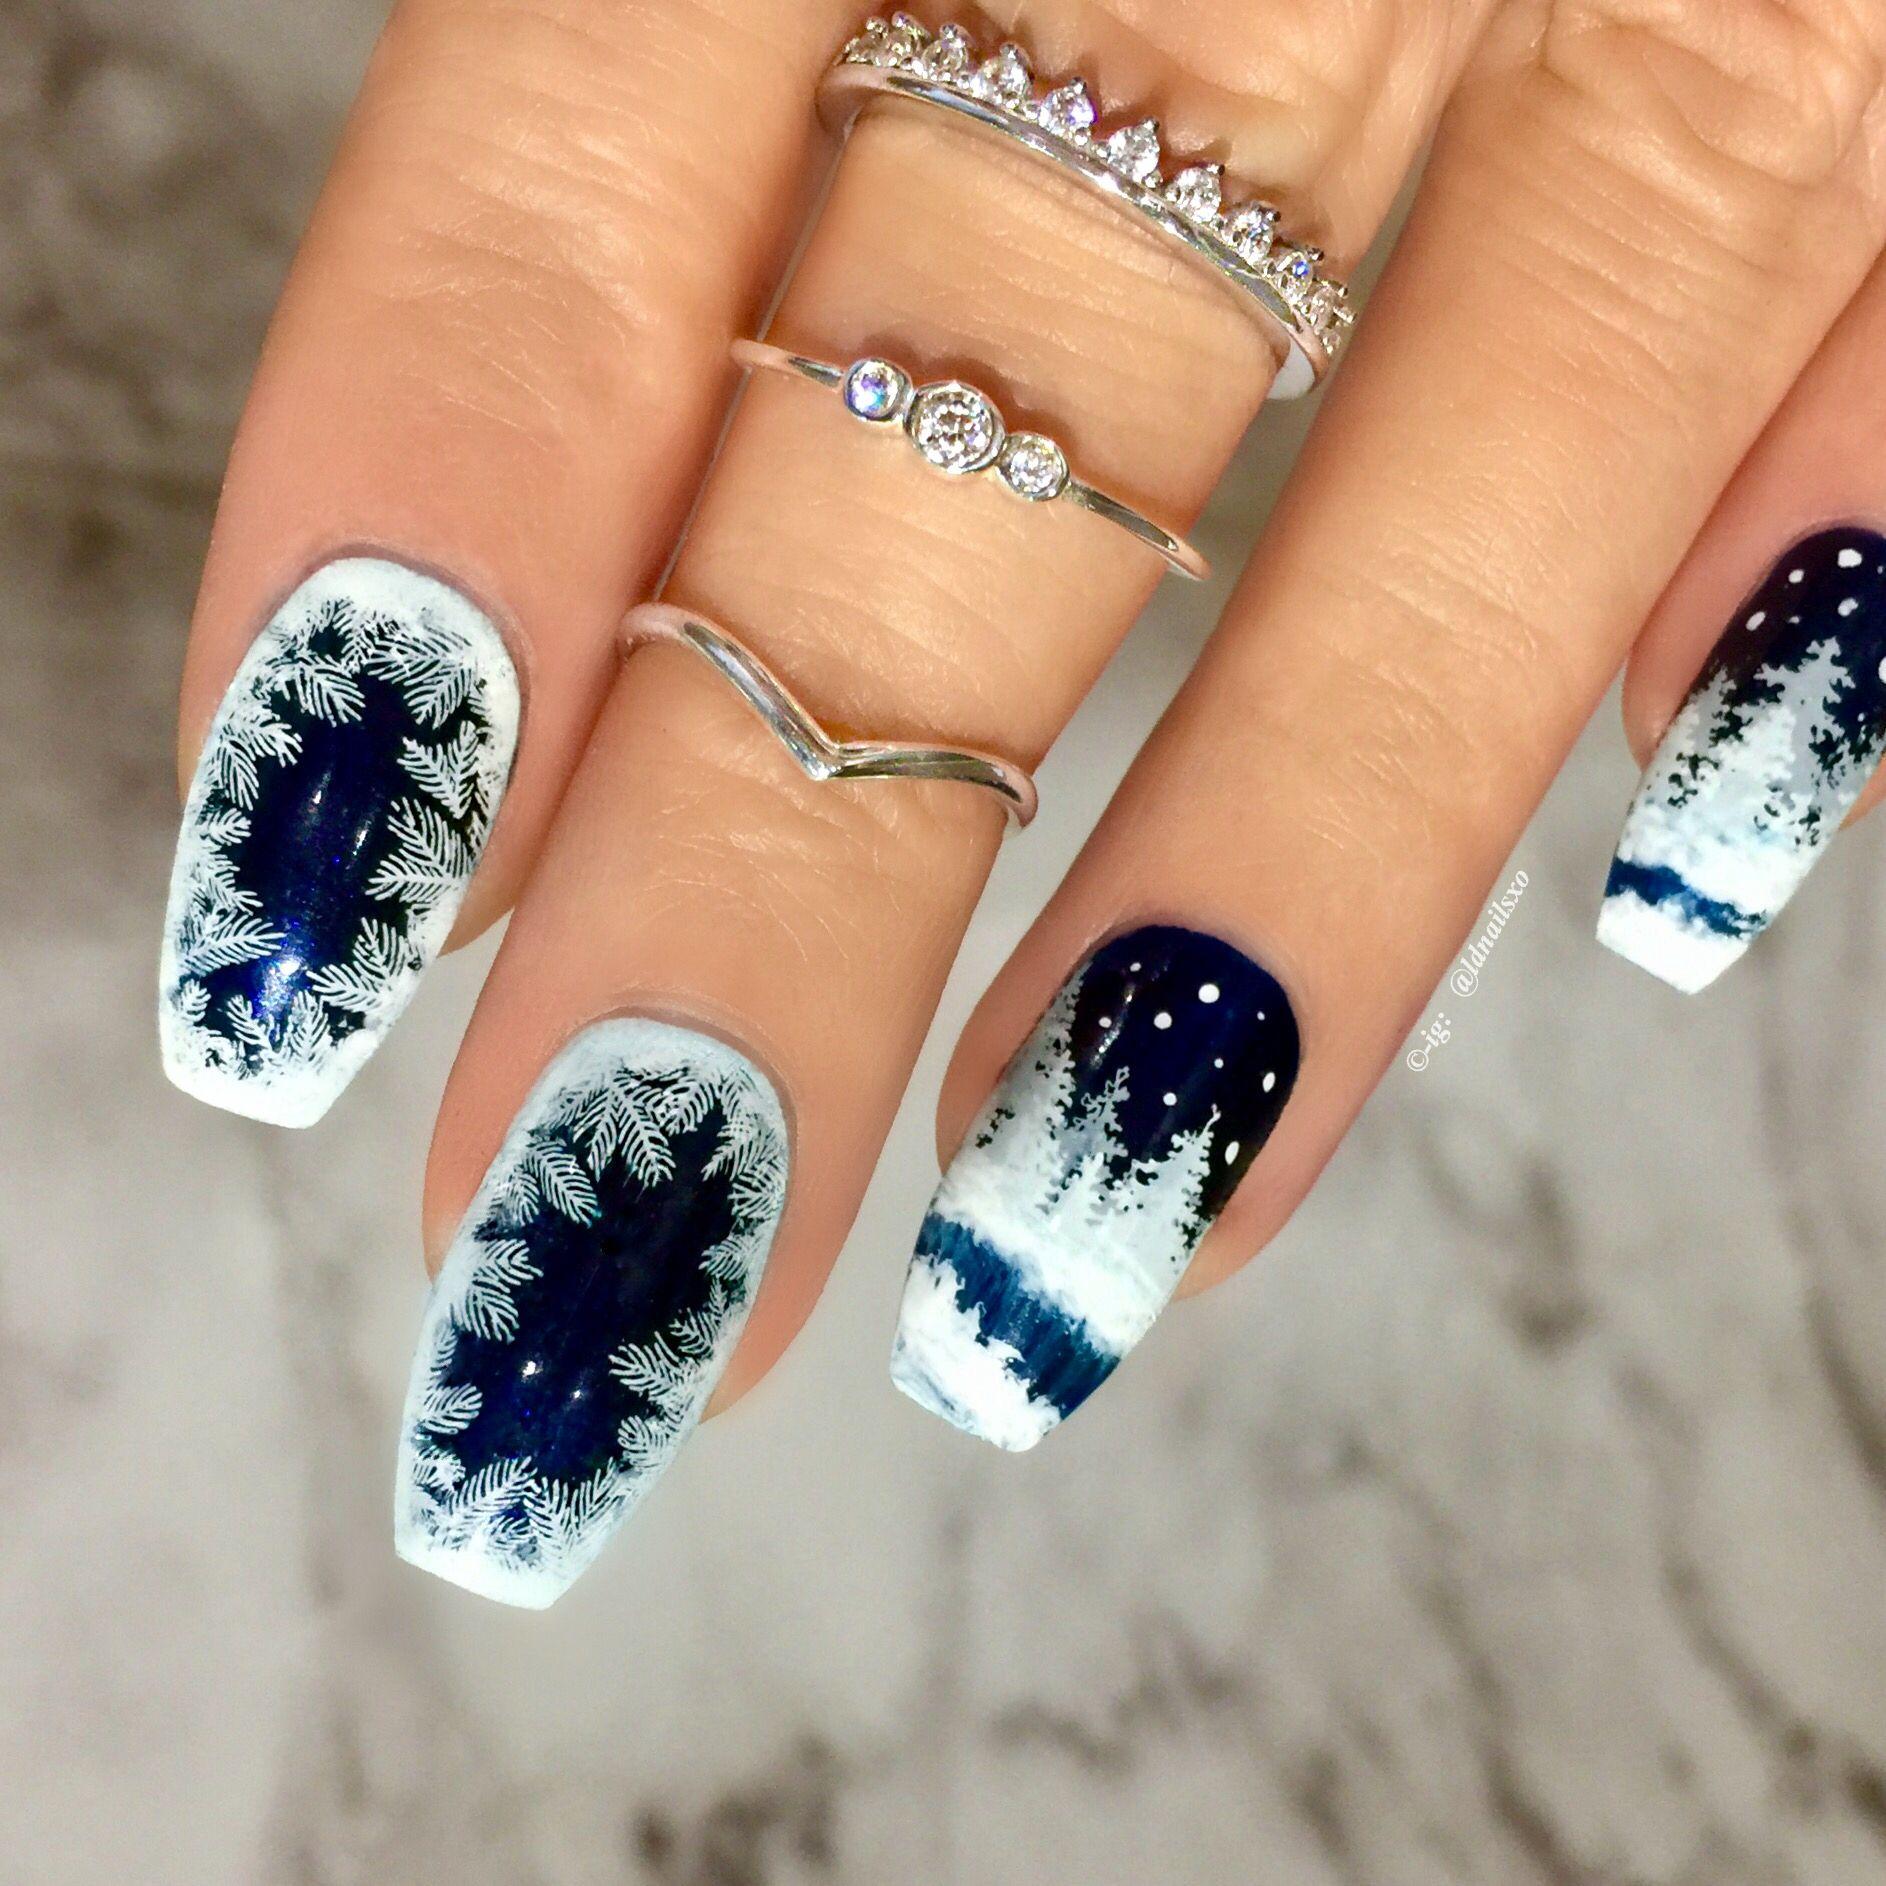 пояснение красивый дизайн ногтей зима фото щёлкнуть странице правой